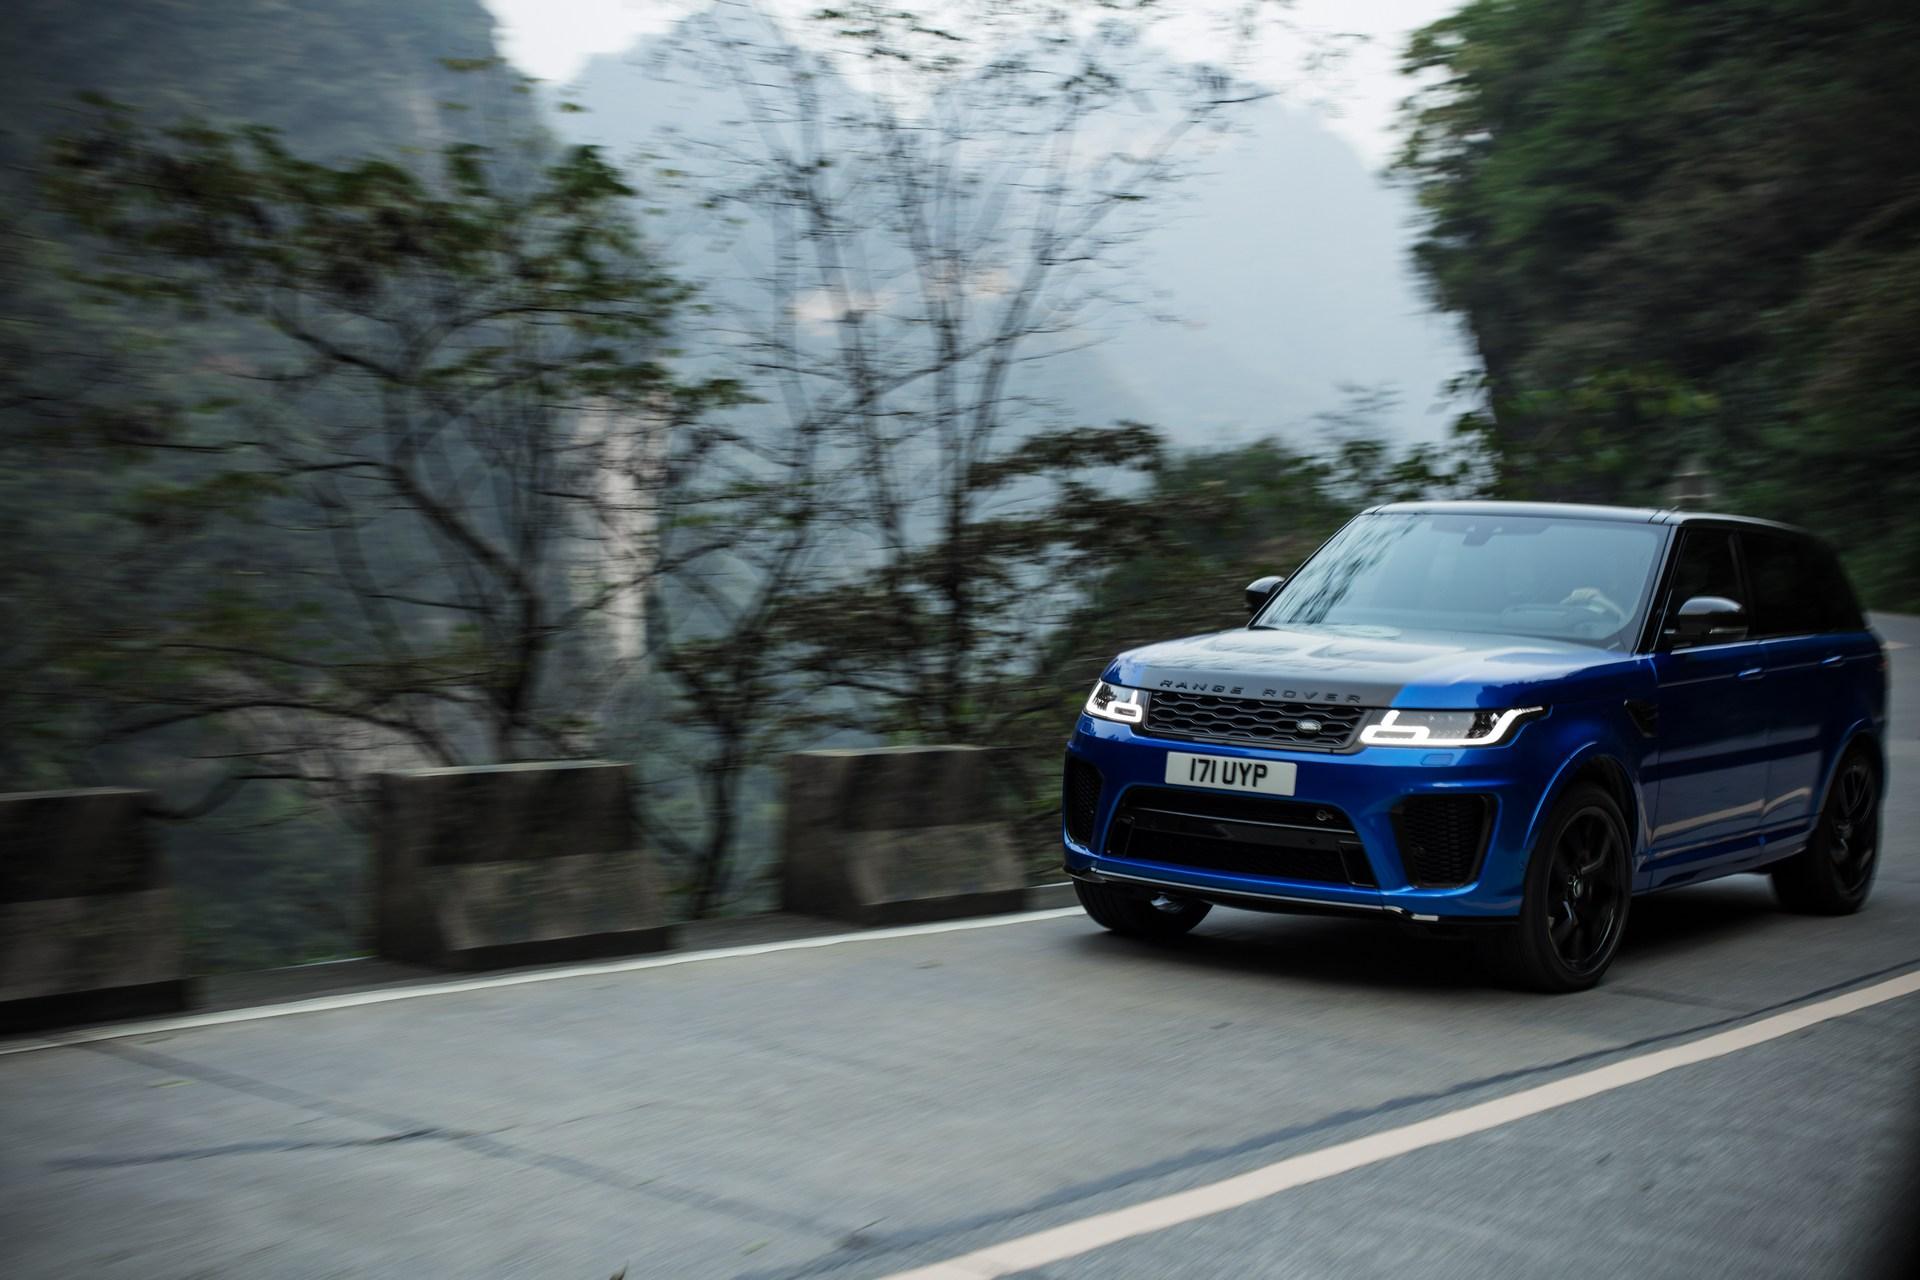 Это выяснилось после того, как автомобиль преодолел чрезвычайно сложную и опасную дорогу в Китае, носящую название «99 поворотов»